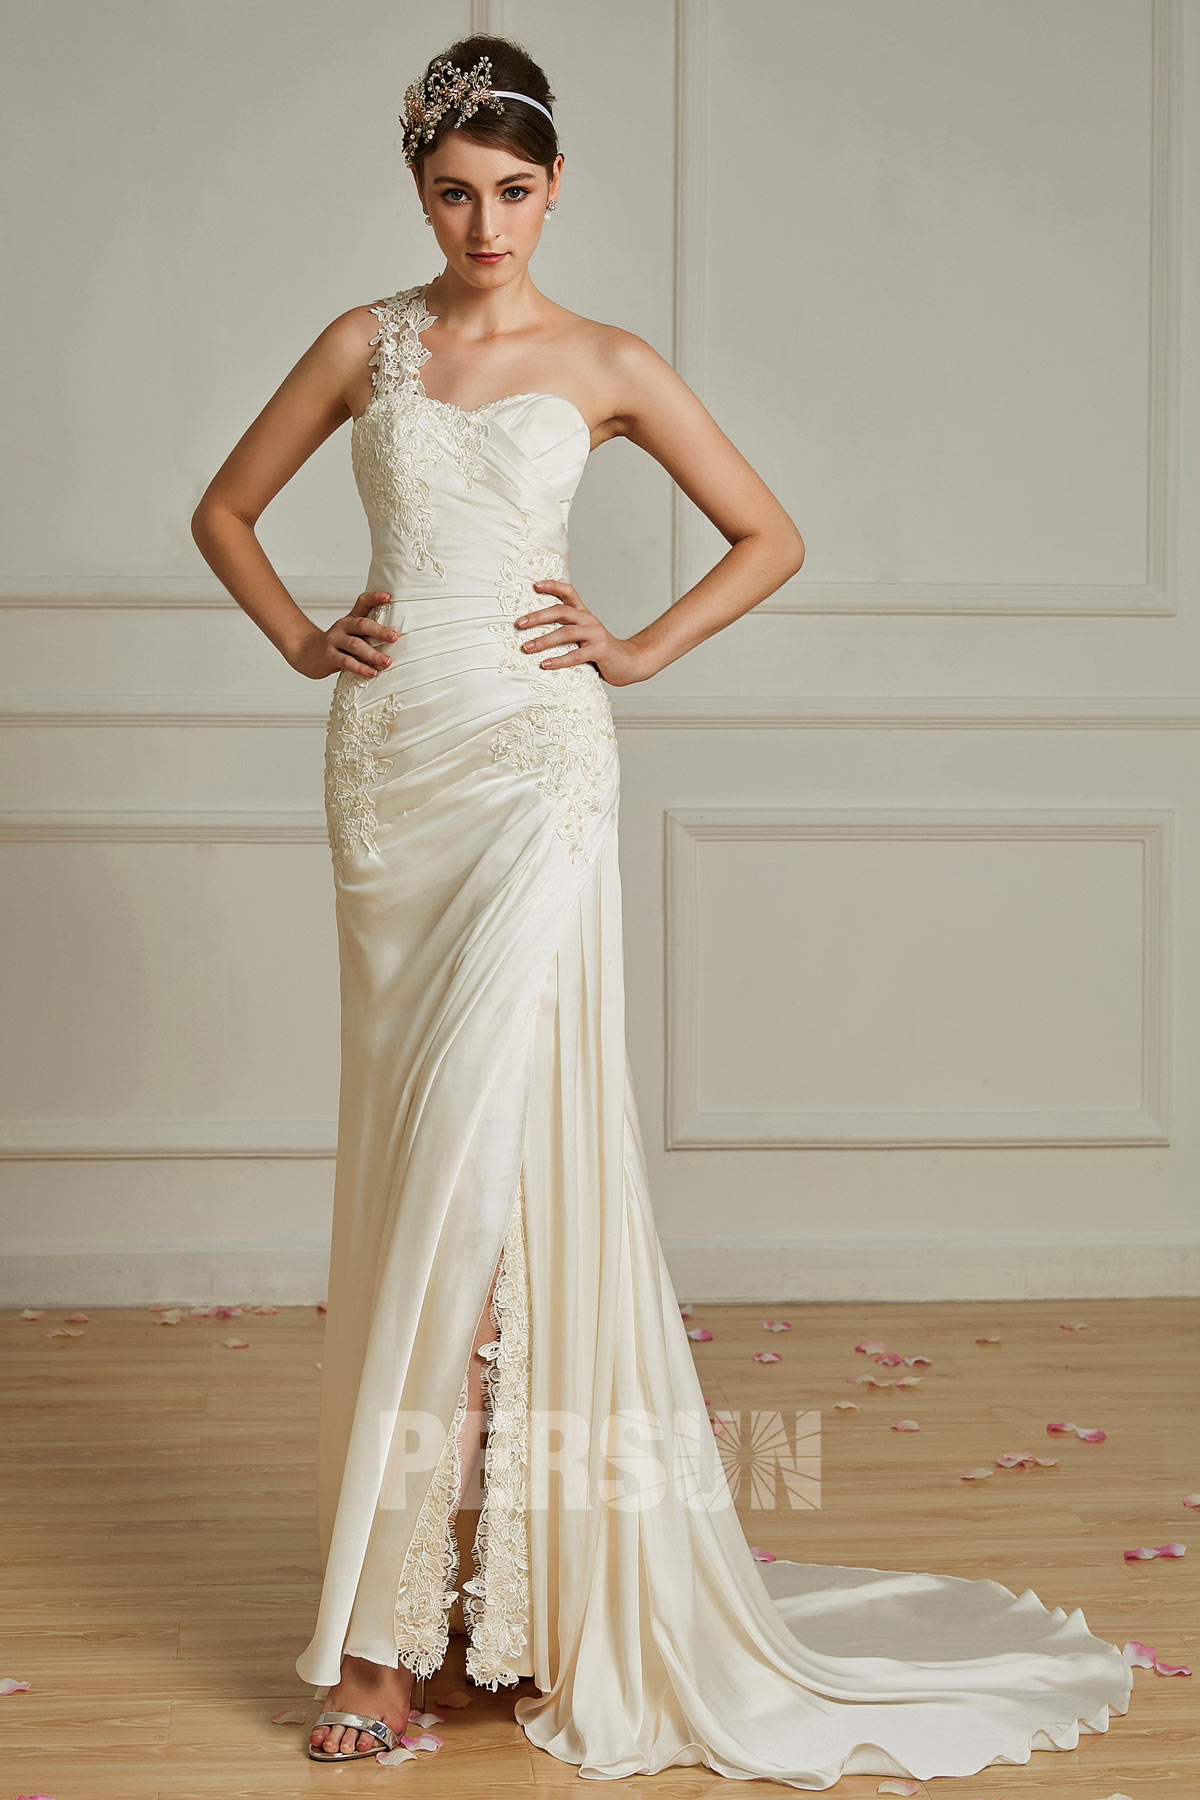 robe de mariée fendue asymétrique en dentelle appliquée